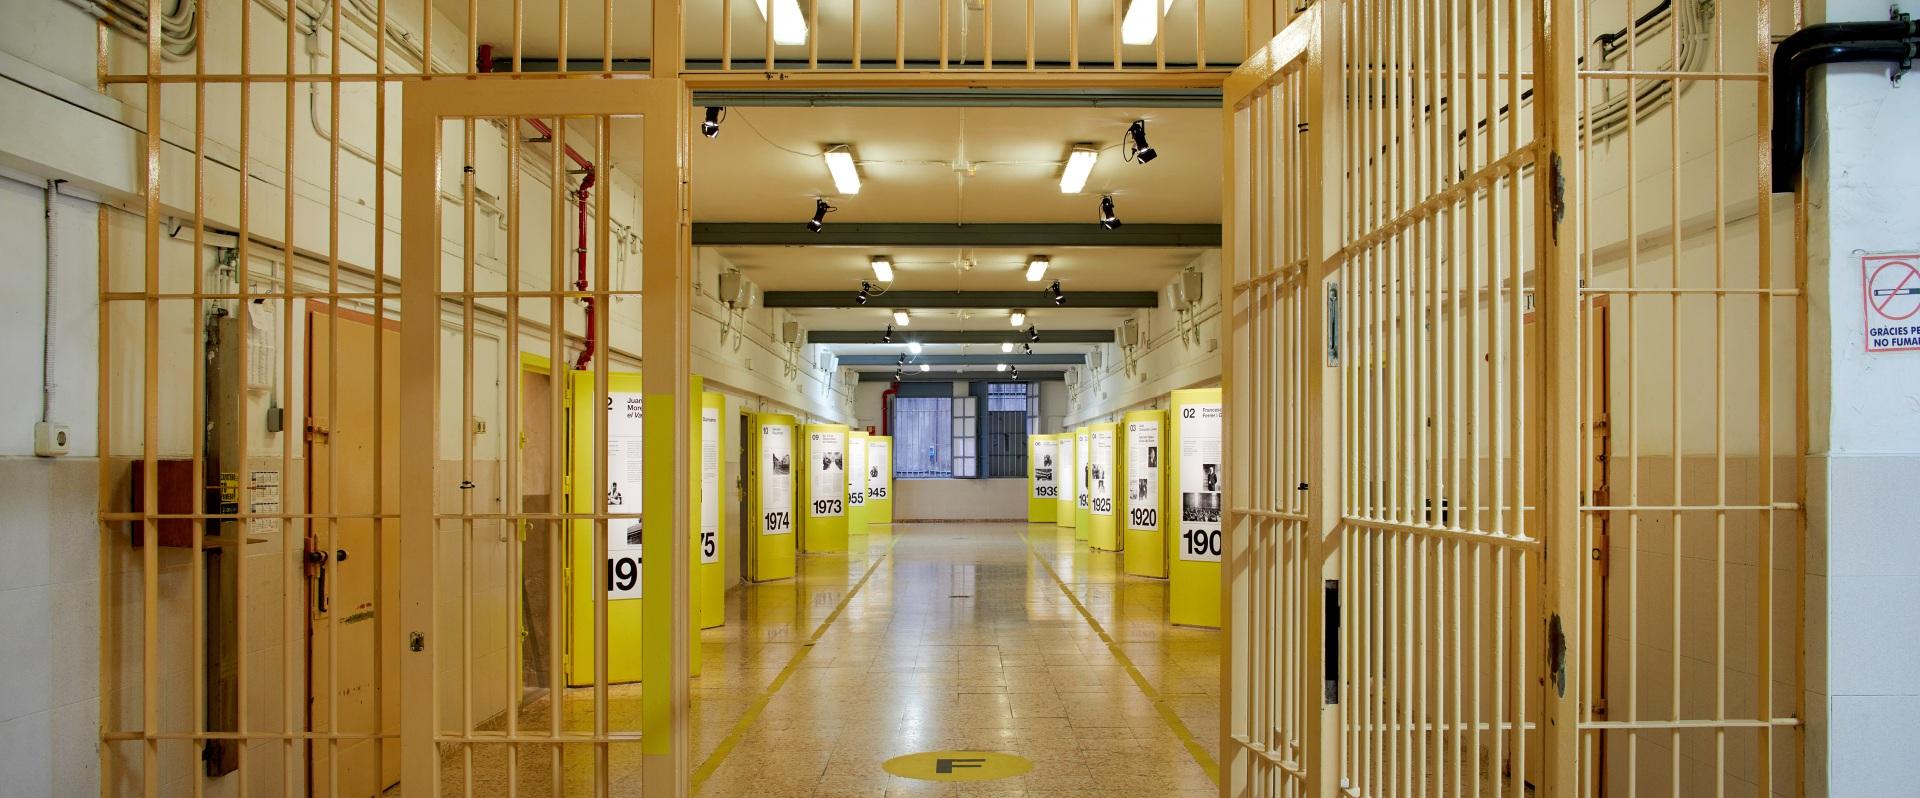 Visita museizada a la Presó Model. Galería 5, rejas de acceso y puertas amarillas.